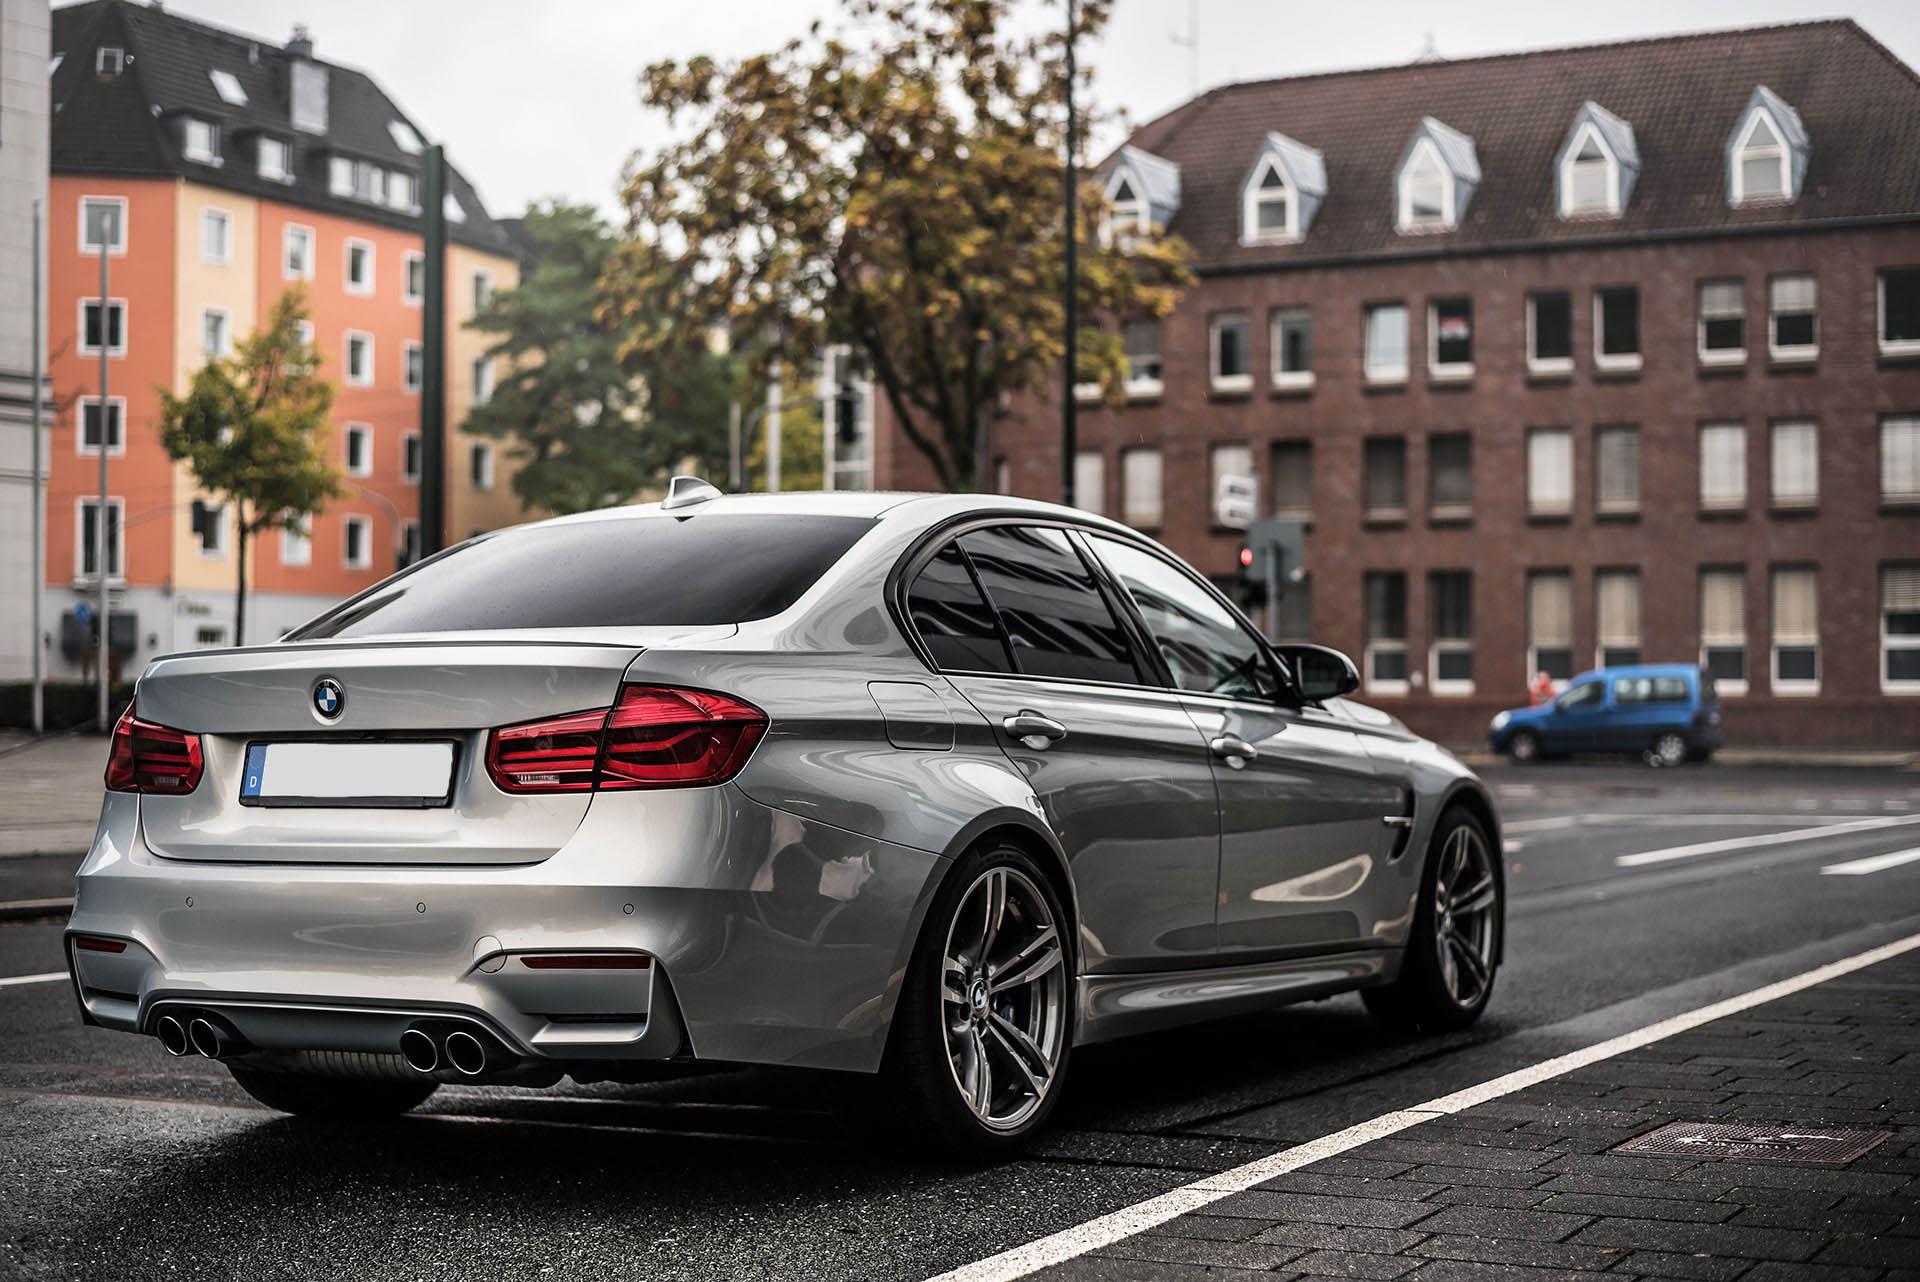 B&K_Sportwagen_Rheinland_GmbH_BMW_M3_Silber_7